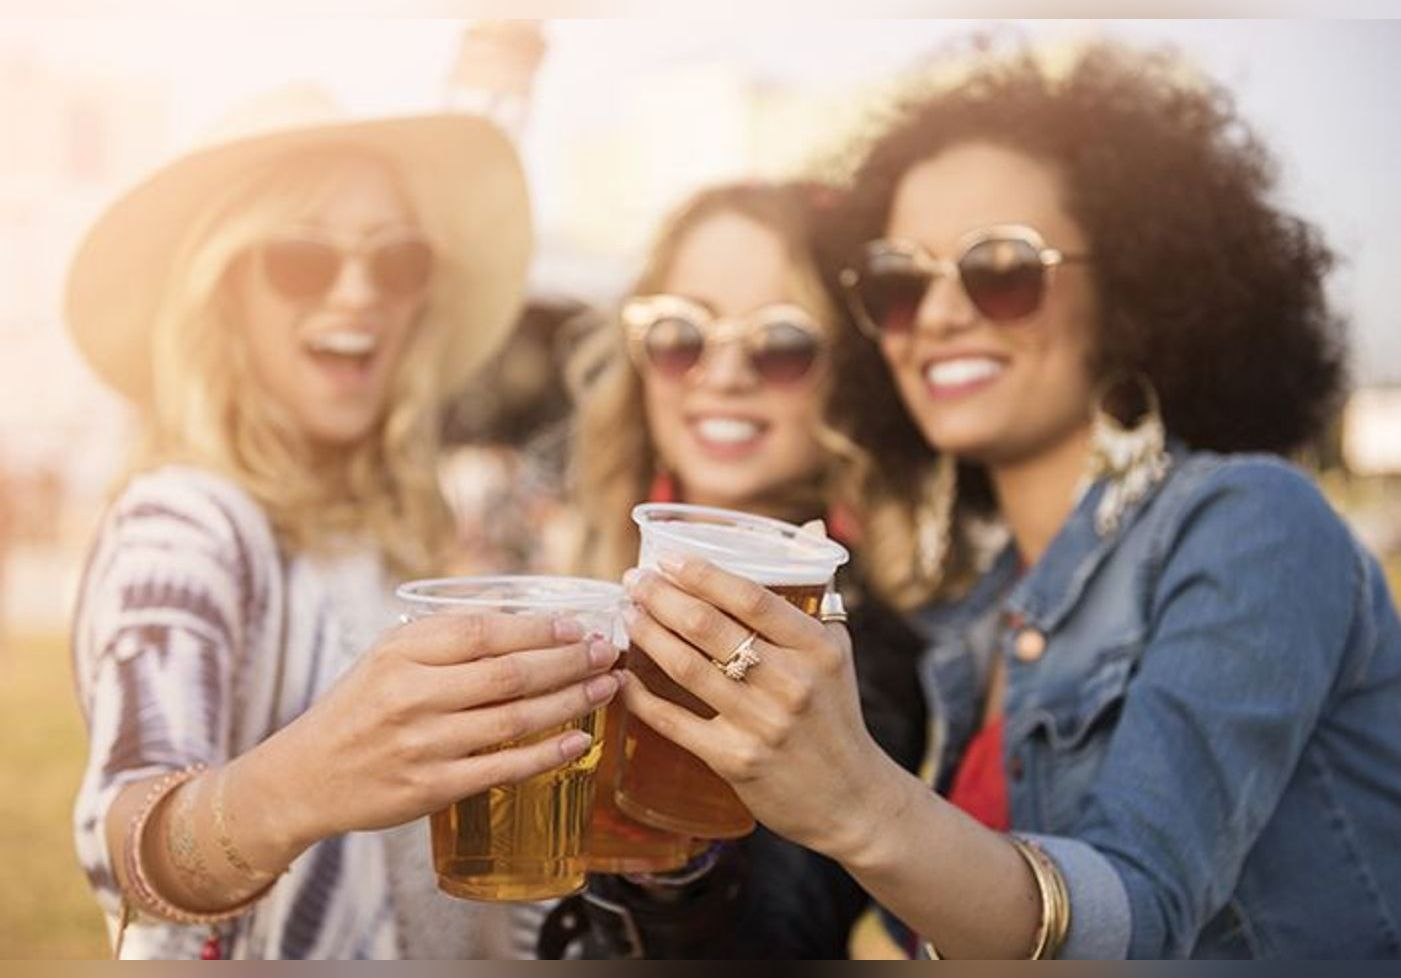 Voici la quantité exacte de bière qu'il faudrait boire pour perdre du poids lorsqu'on fait un régime selon les scientifiques